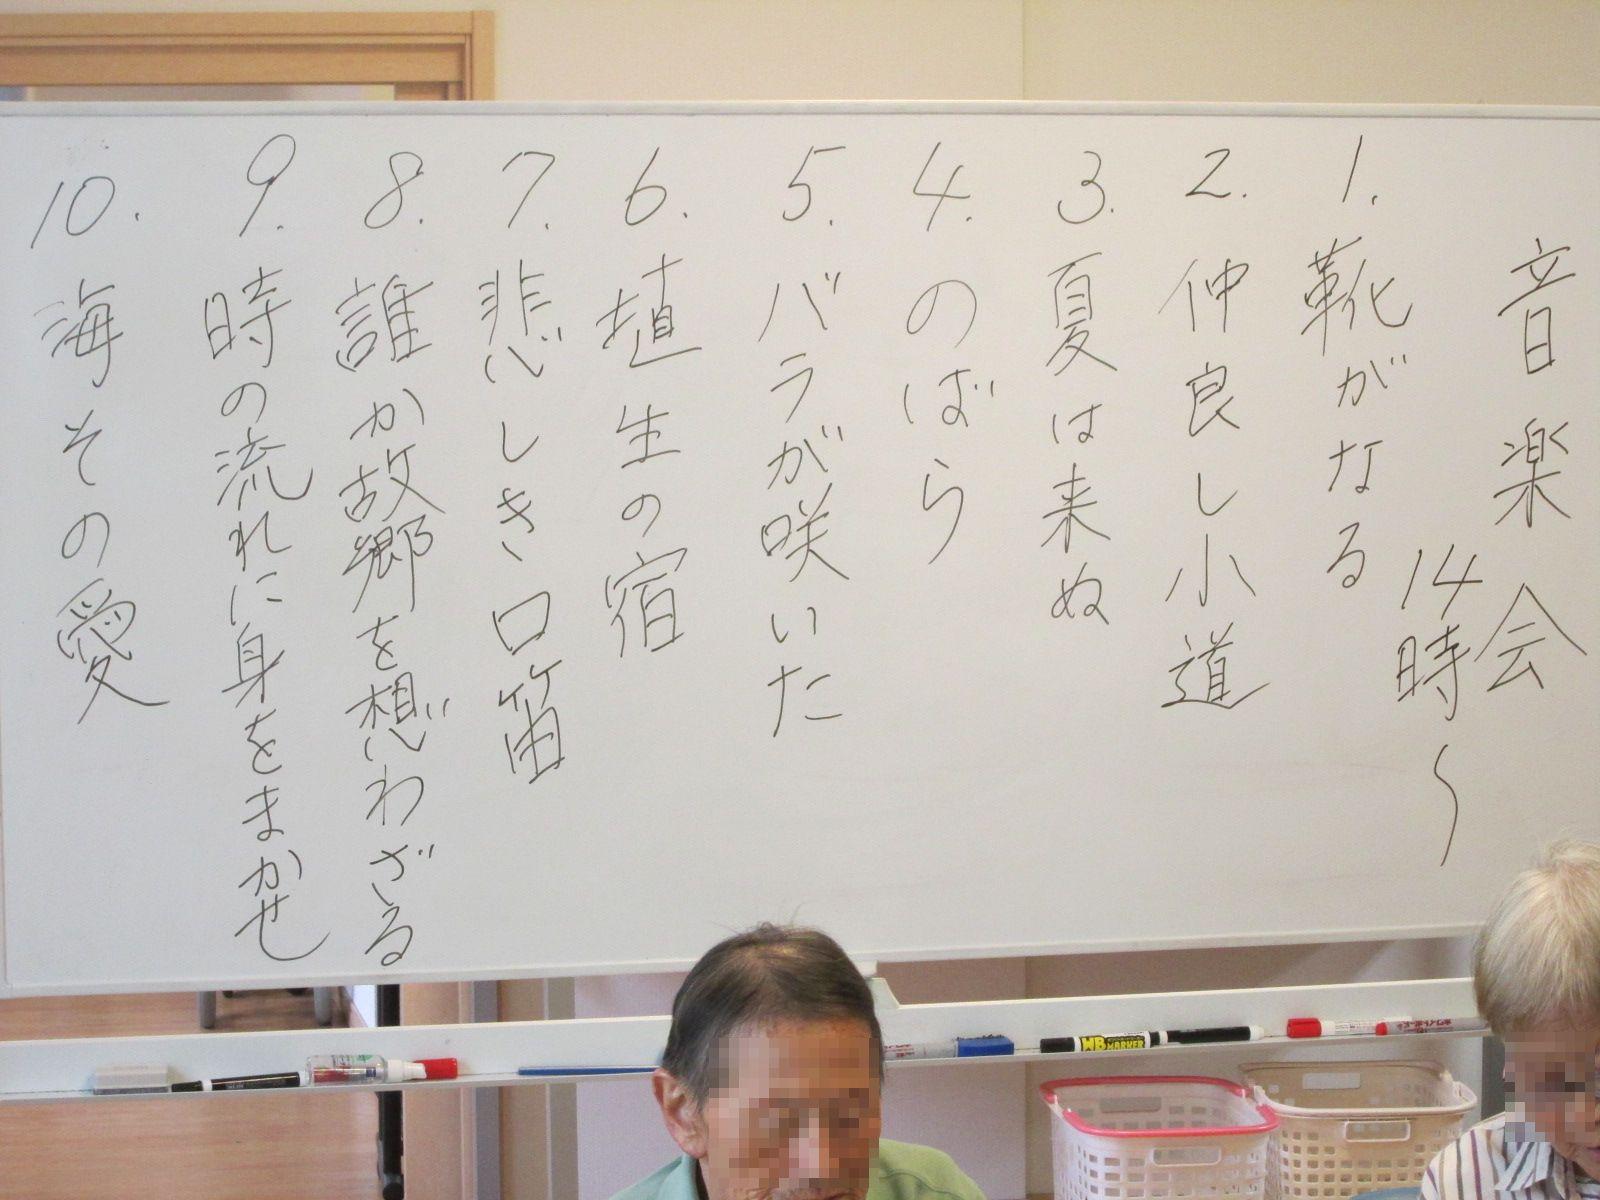 フラダンス教室&音楽会_a0135191_15185555.jpg